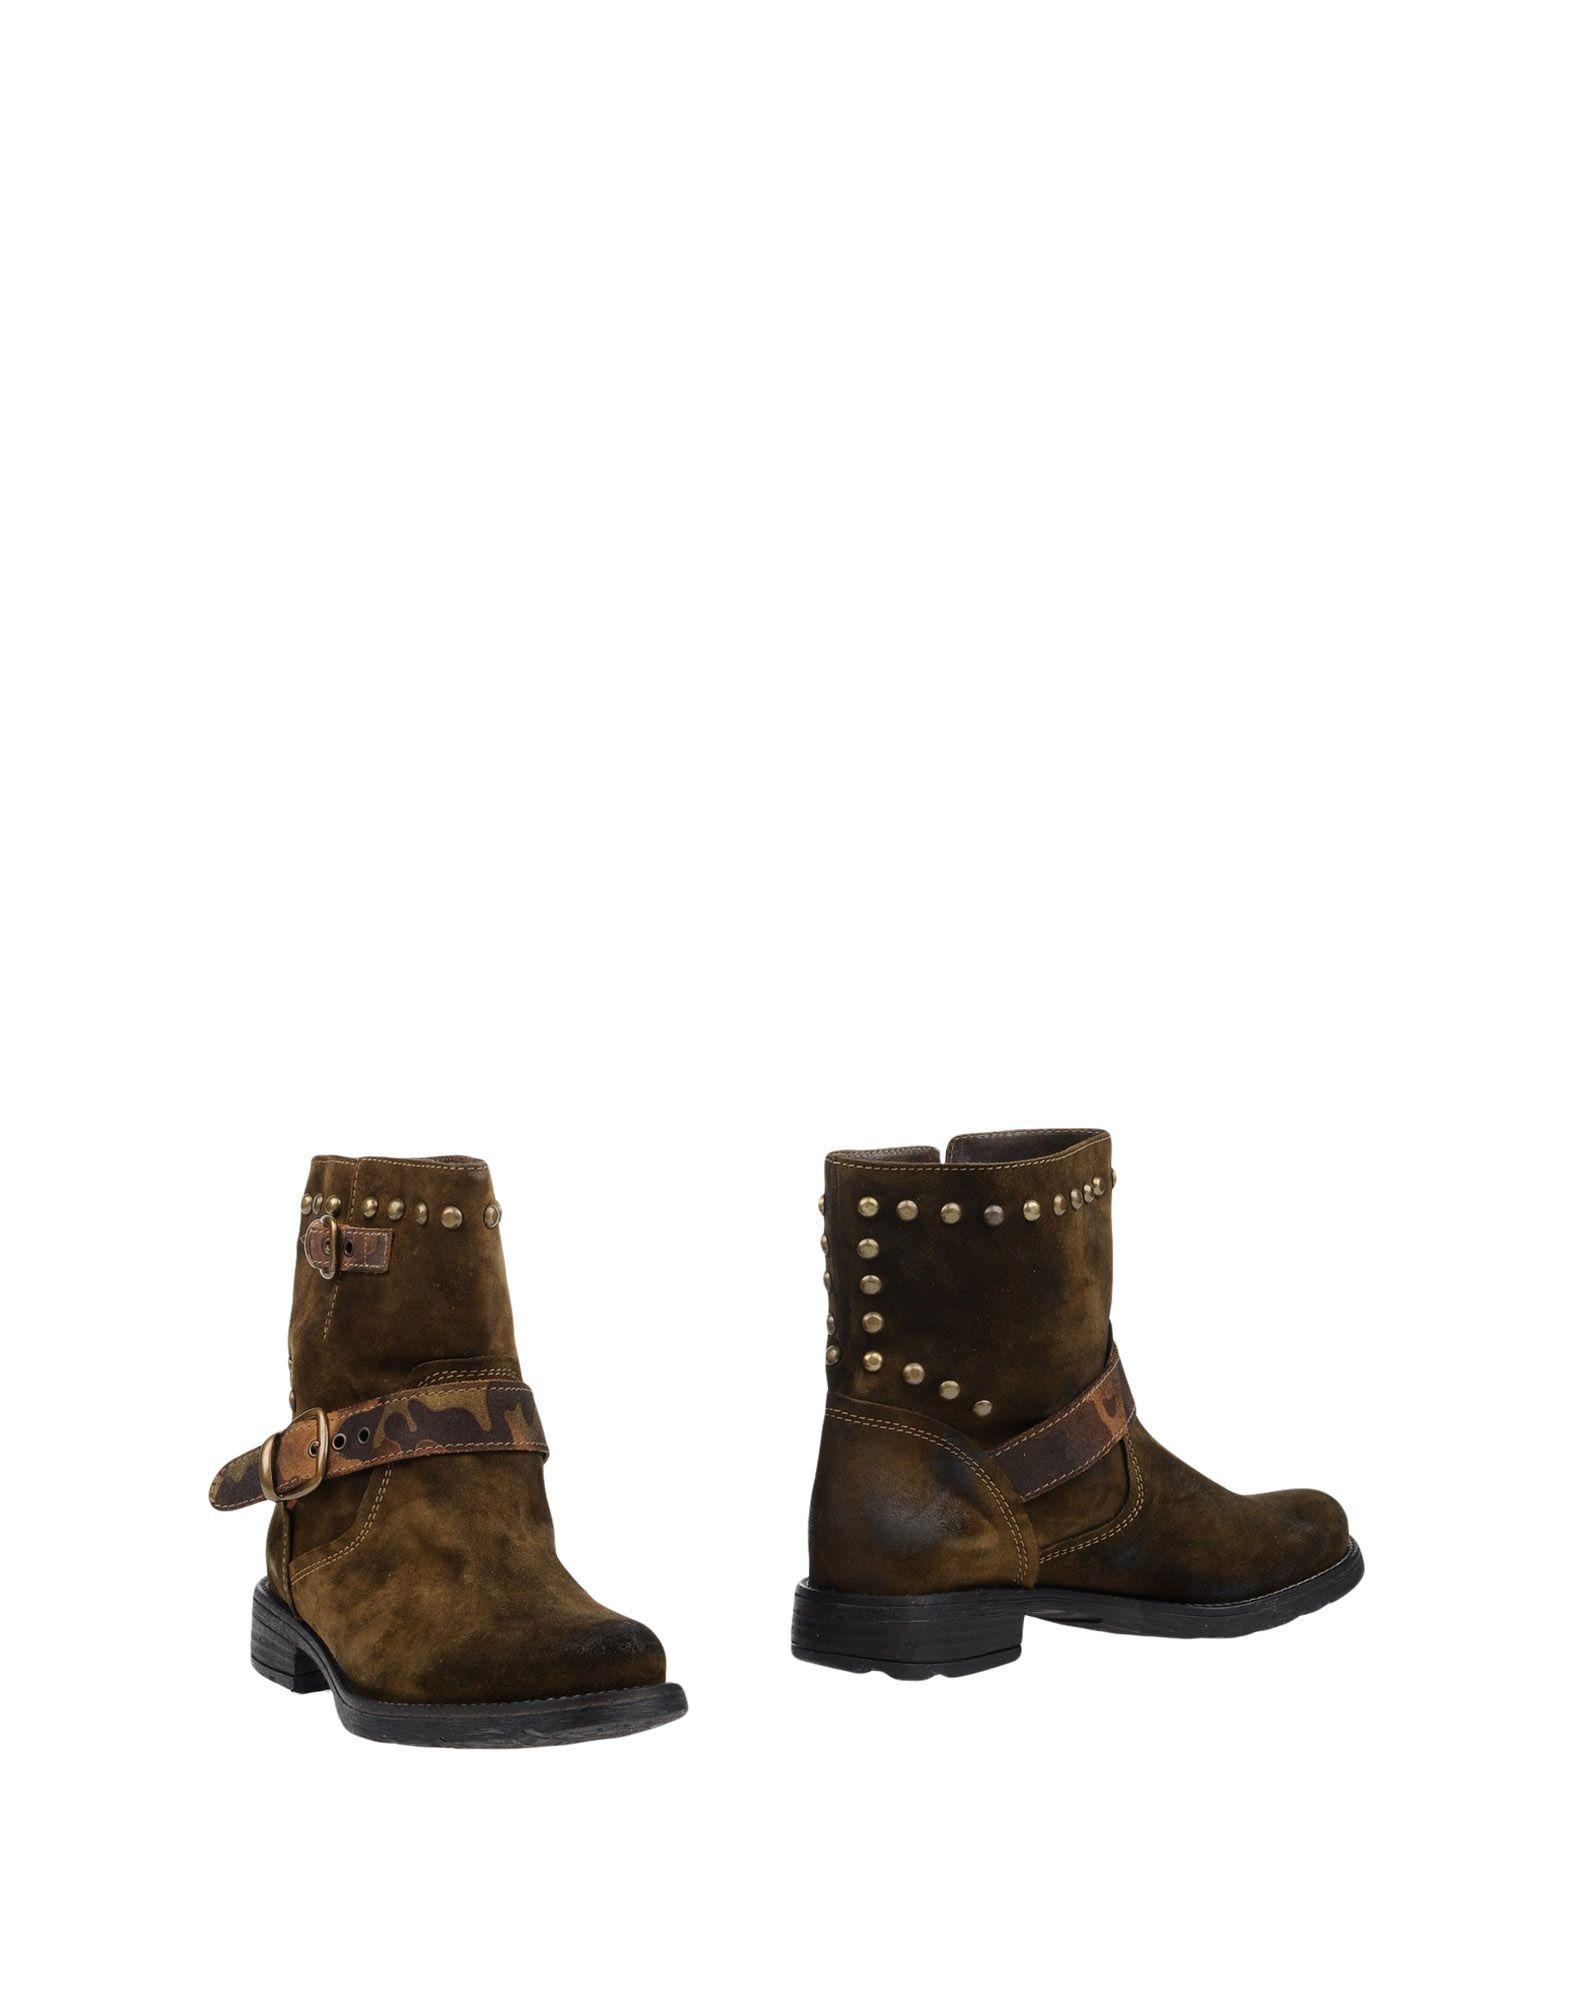 SAN CRISPINO Полусапоги и высокие ботинки цены онлайн